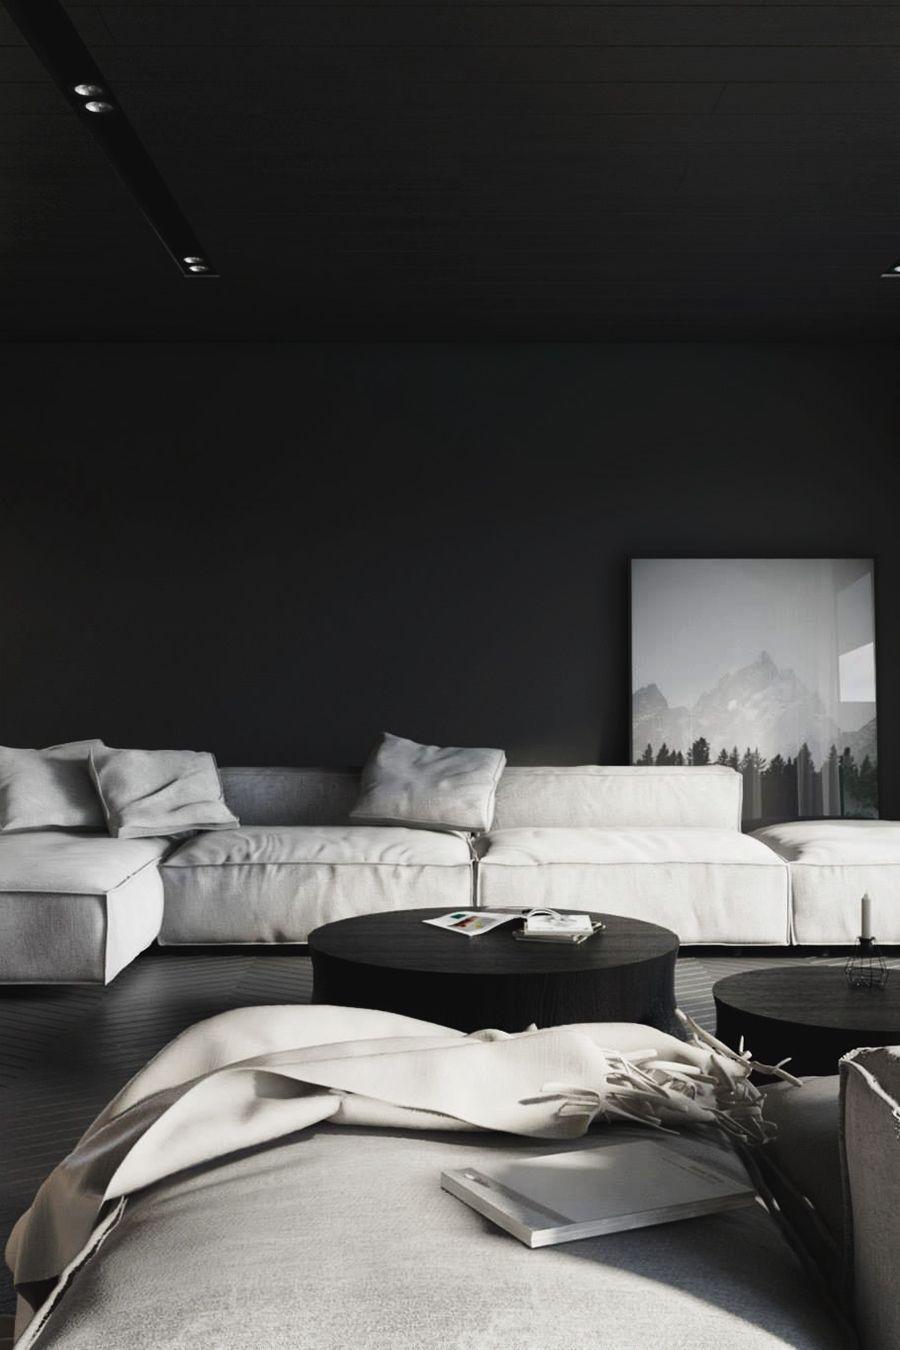 Pin von Michael Stevens auf housie | Pinterest | Wohnzimmer ...